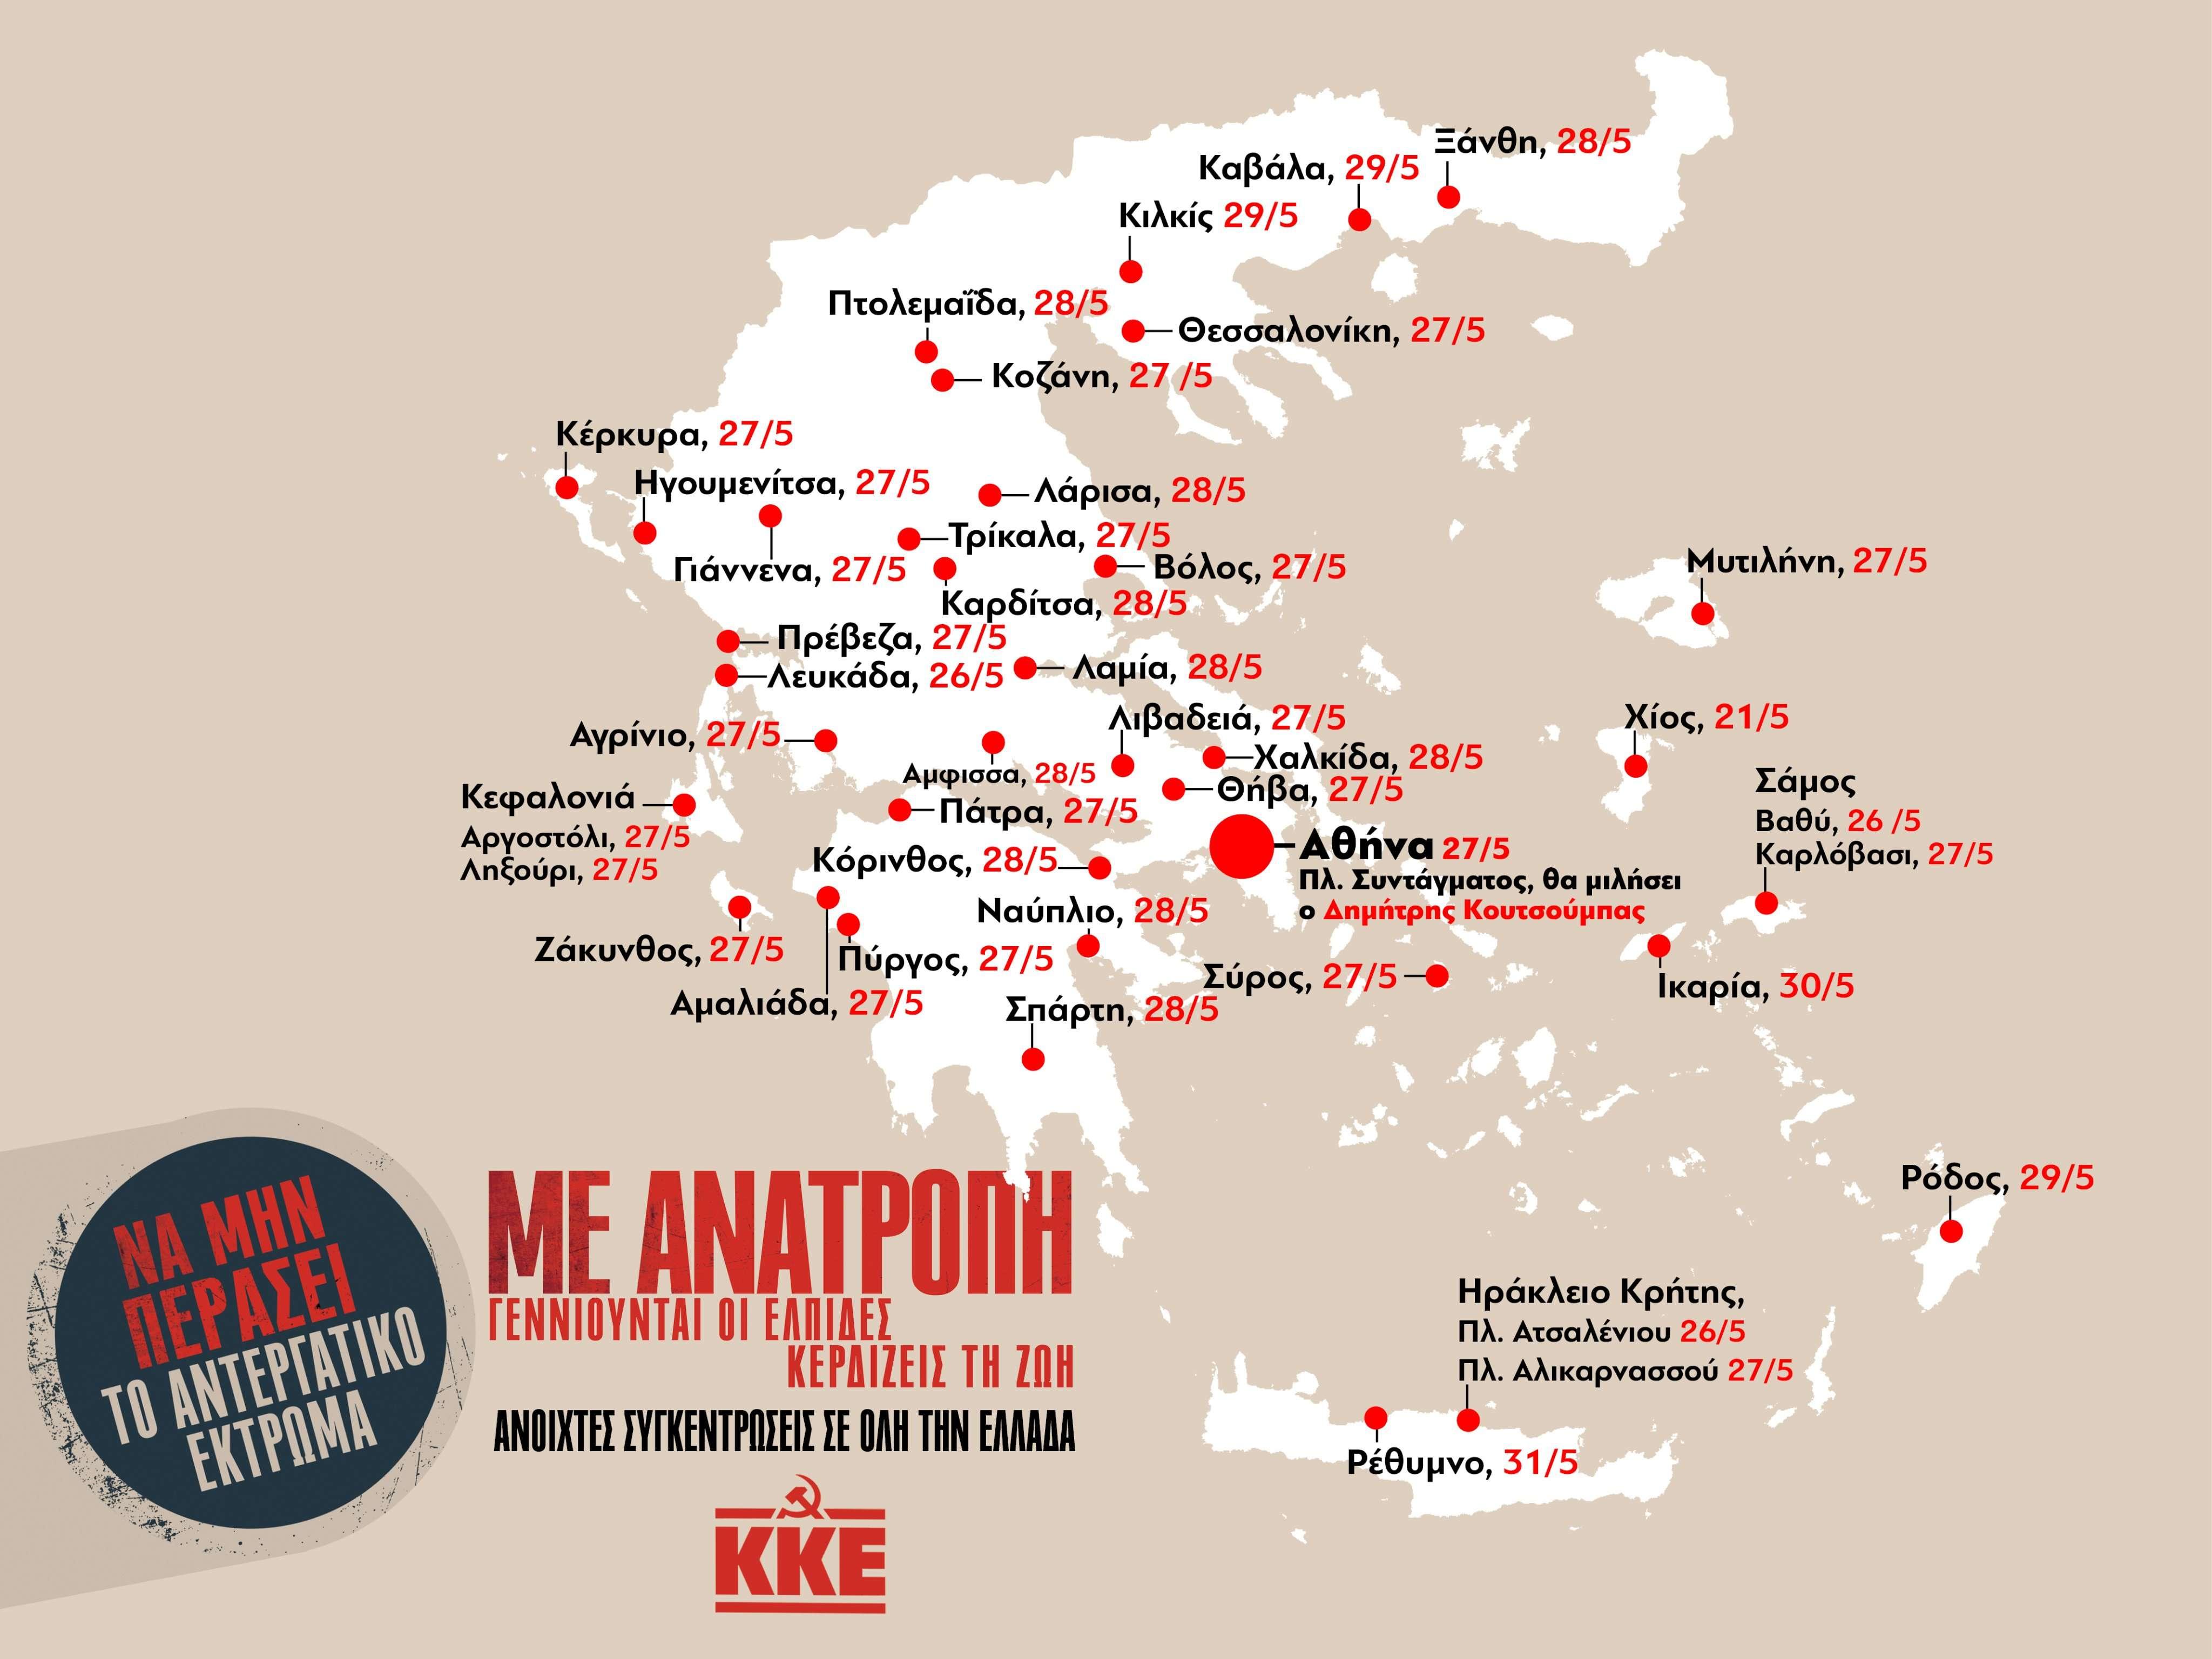 Σε όλη την Ελλάδα το κάλεσμα του ΚKE